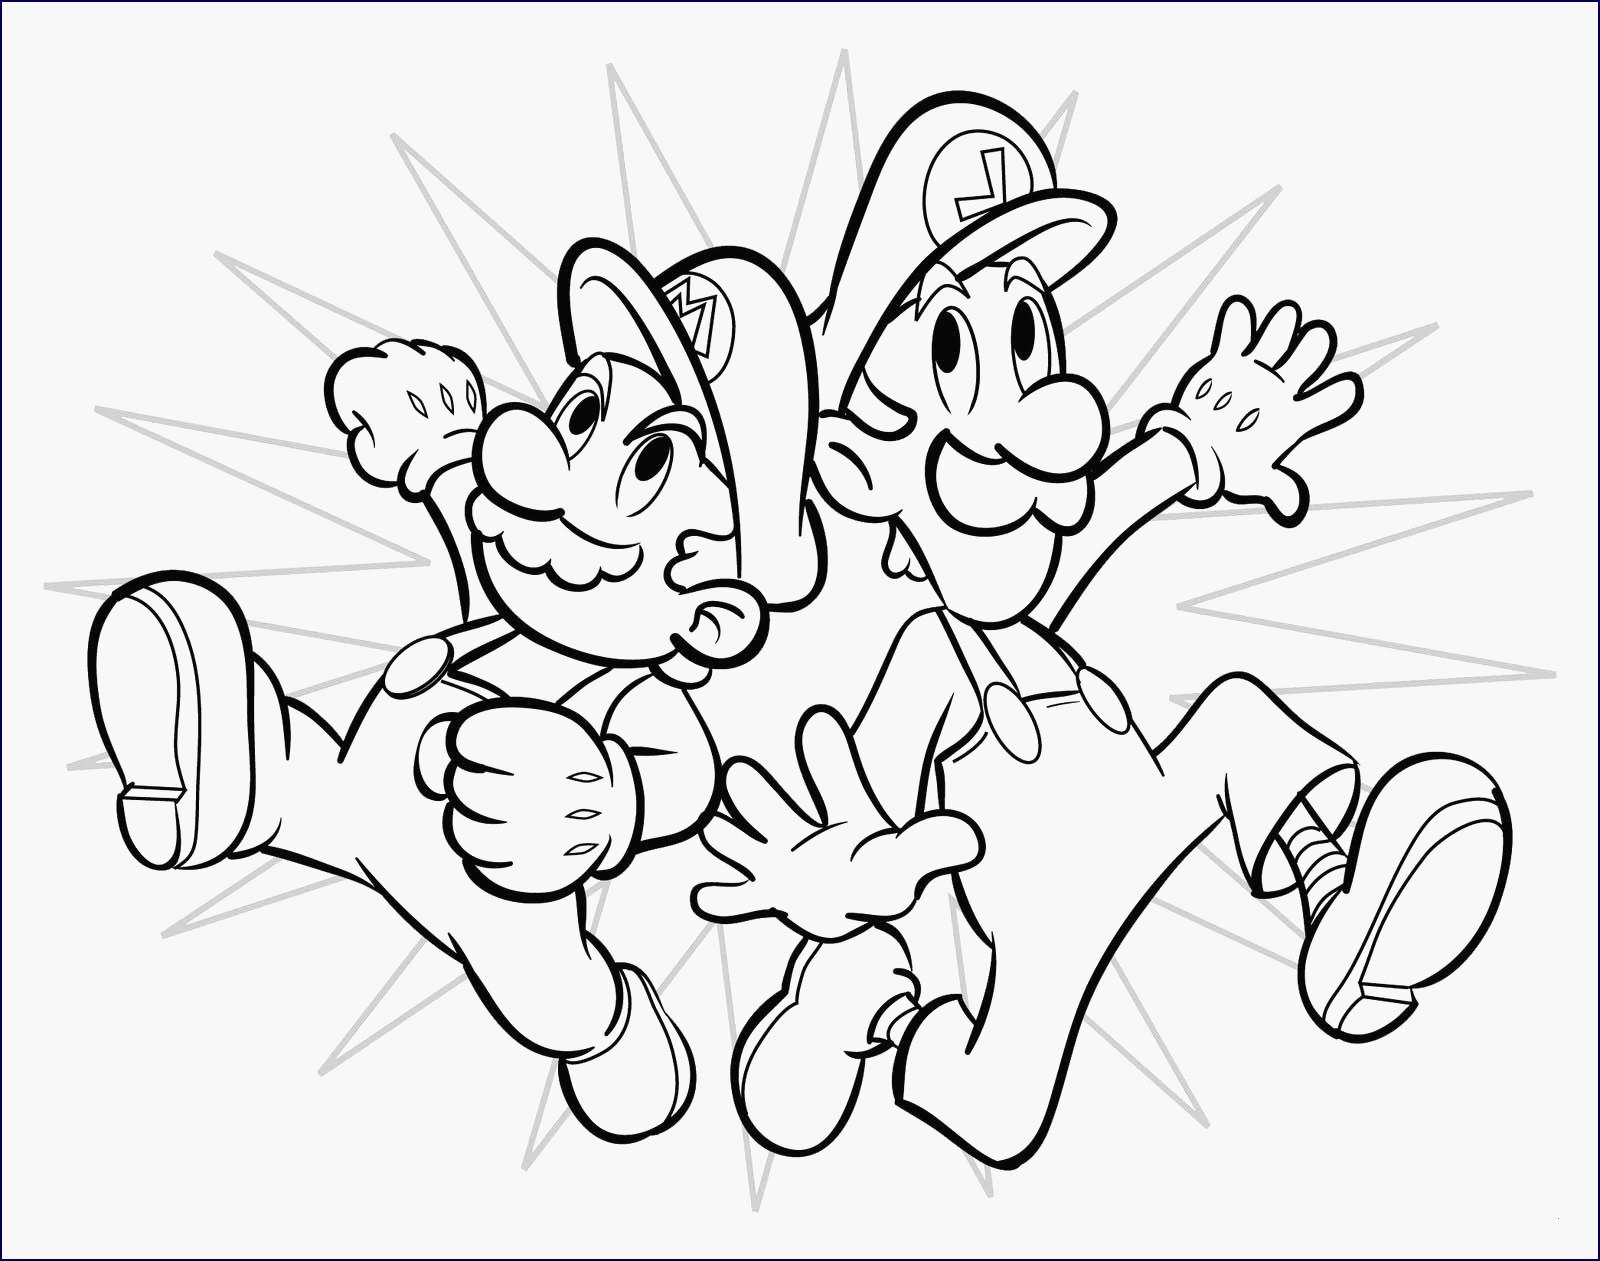 Malvorlage Super Mario Neu 28 Inspirierend Ausmalbild Super Mario – Malvorlagen Ideen Sammlung